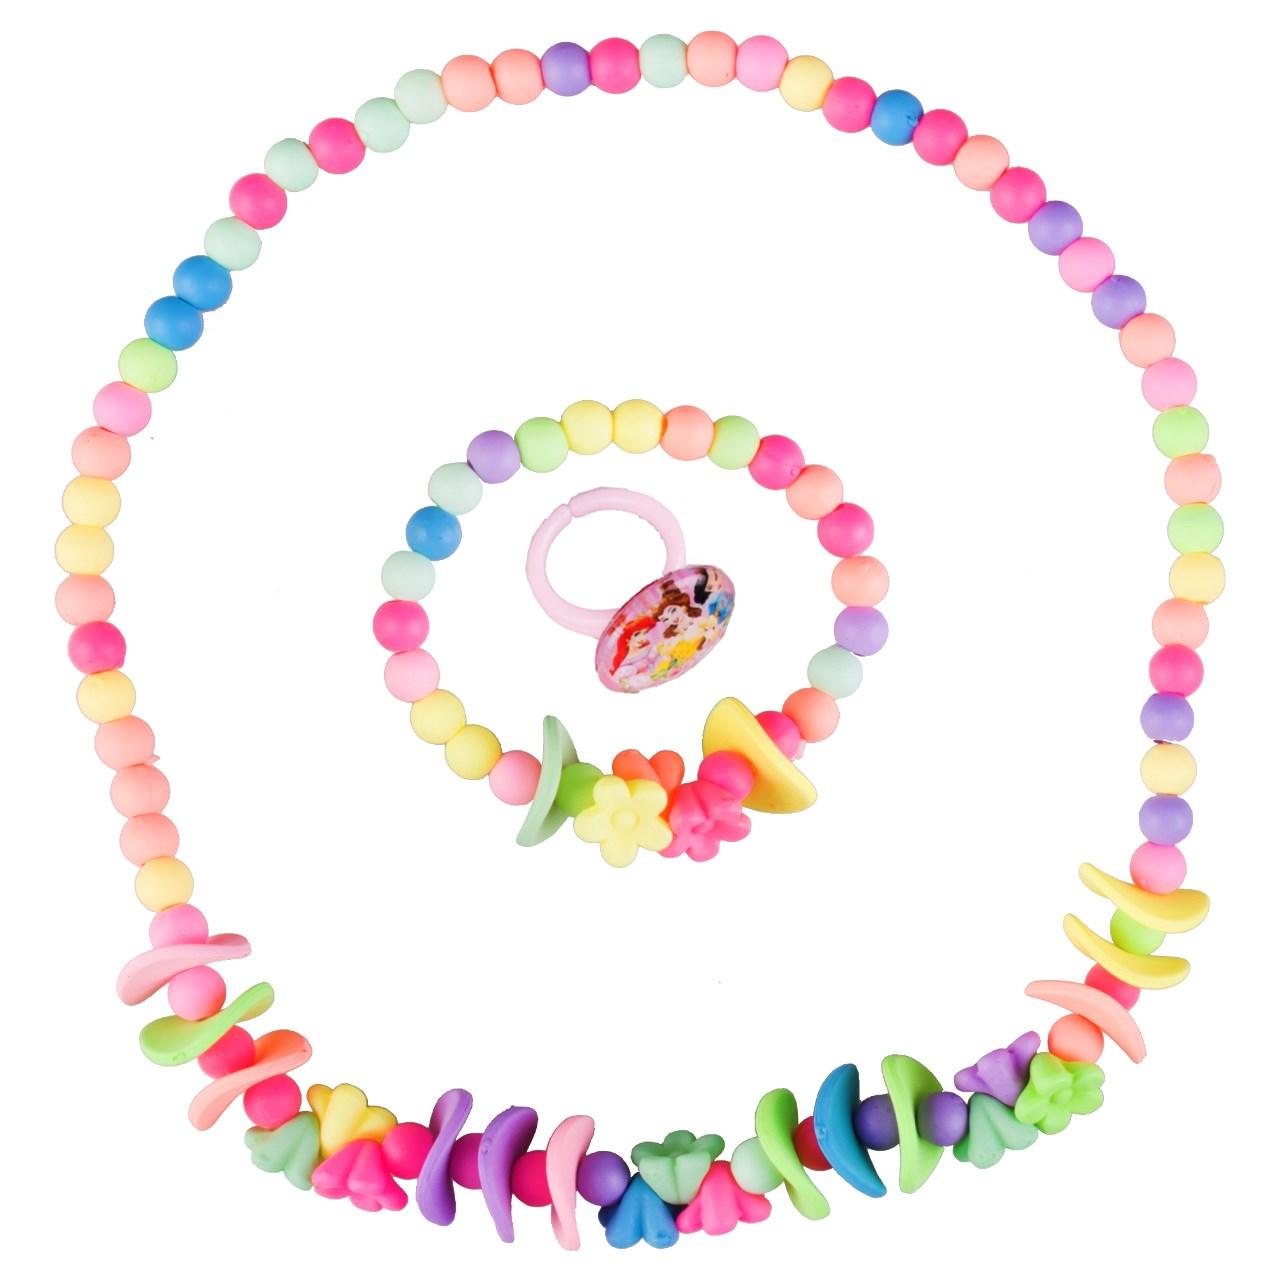 ست گردنبند و دستبند دخترانه ویتالی بیوتی مدل گلبرگ کد A623